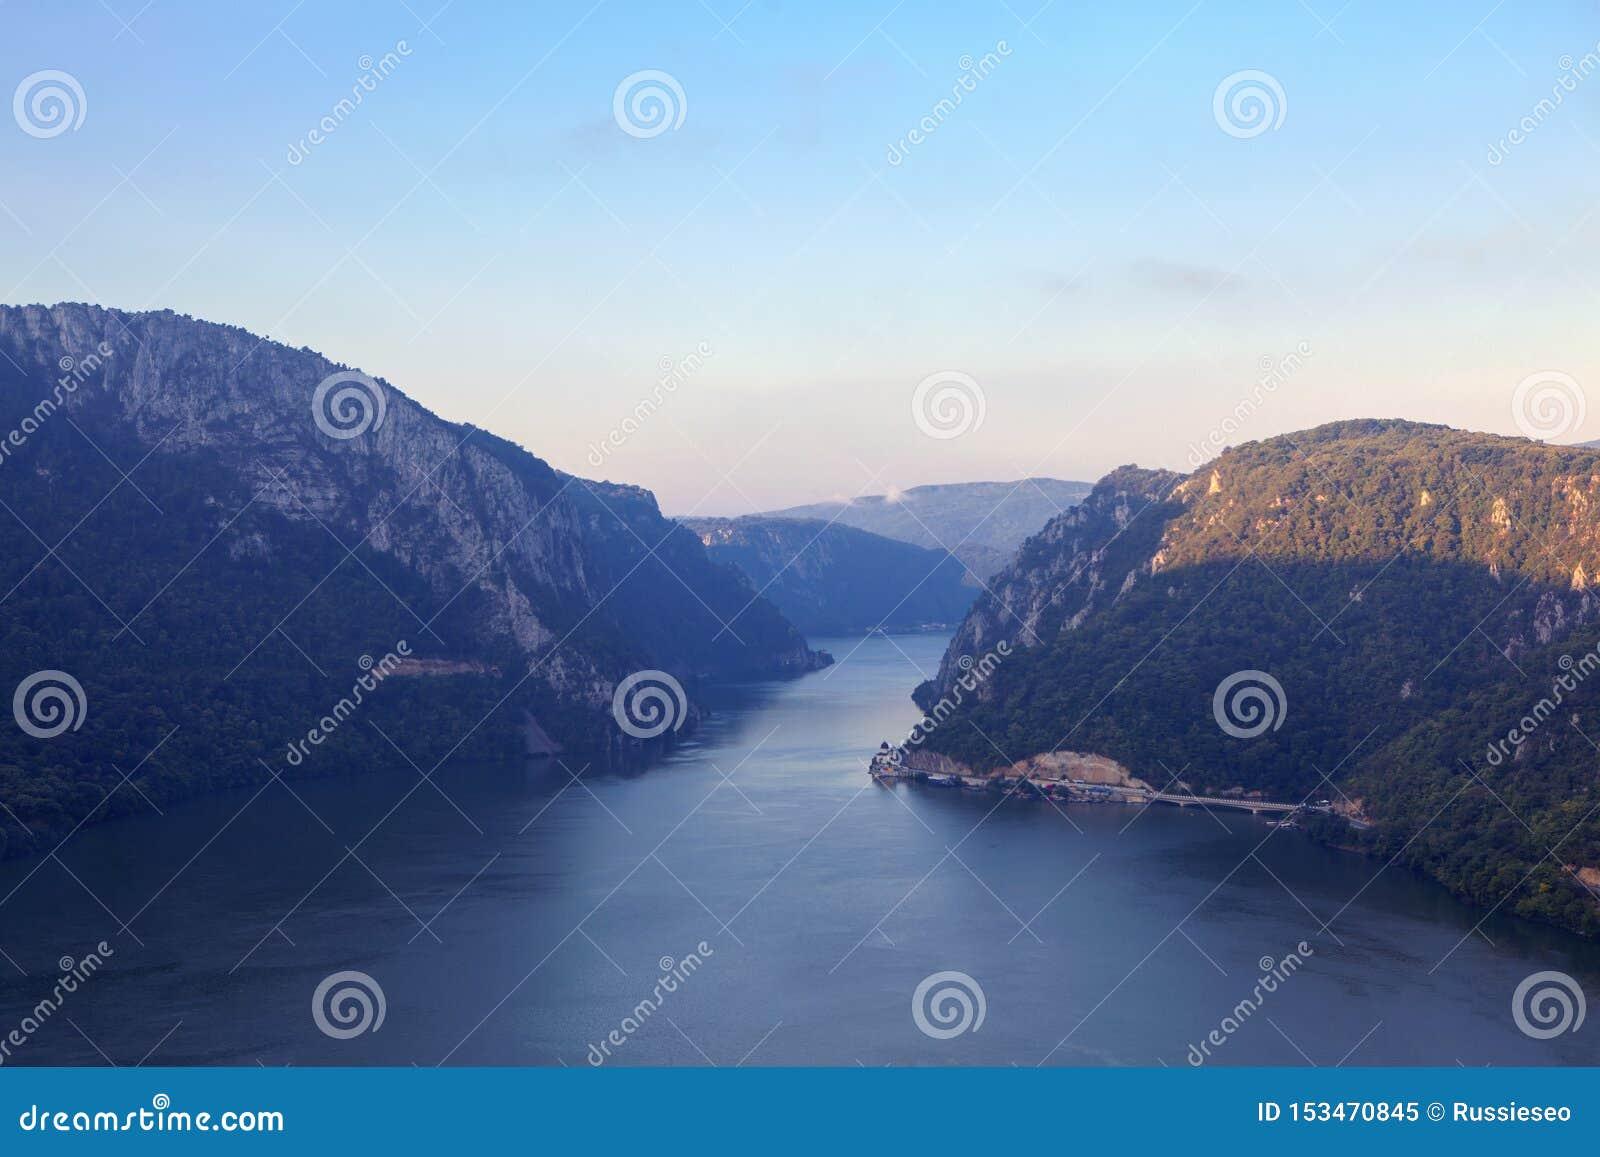 Cazanele Dunarei